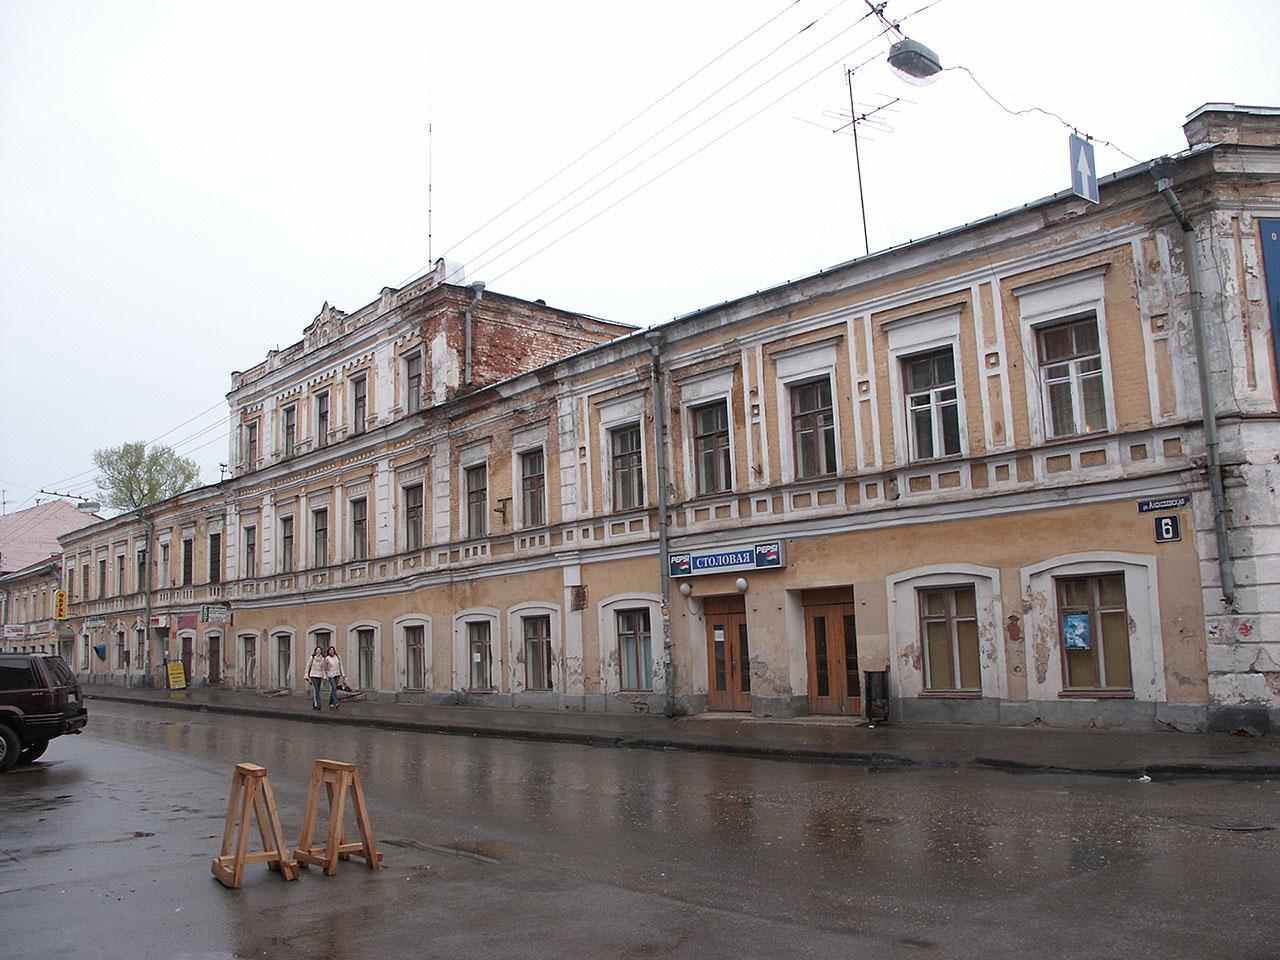 Реновация в Нижнем Новгороде: «градозащитники будут отстаивать каждый дом»